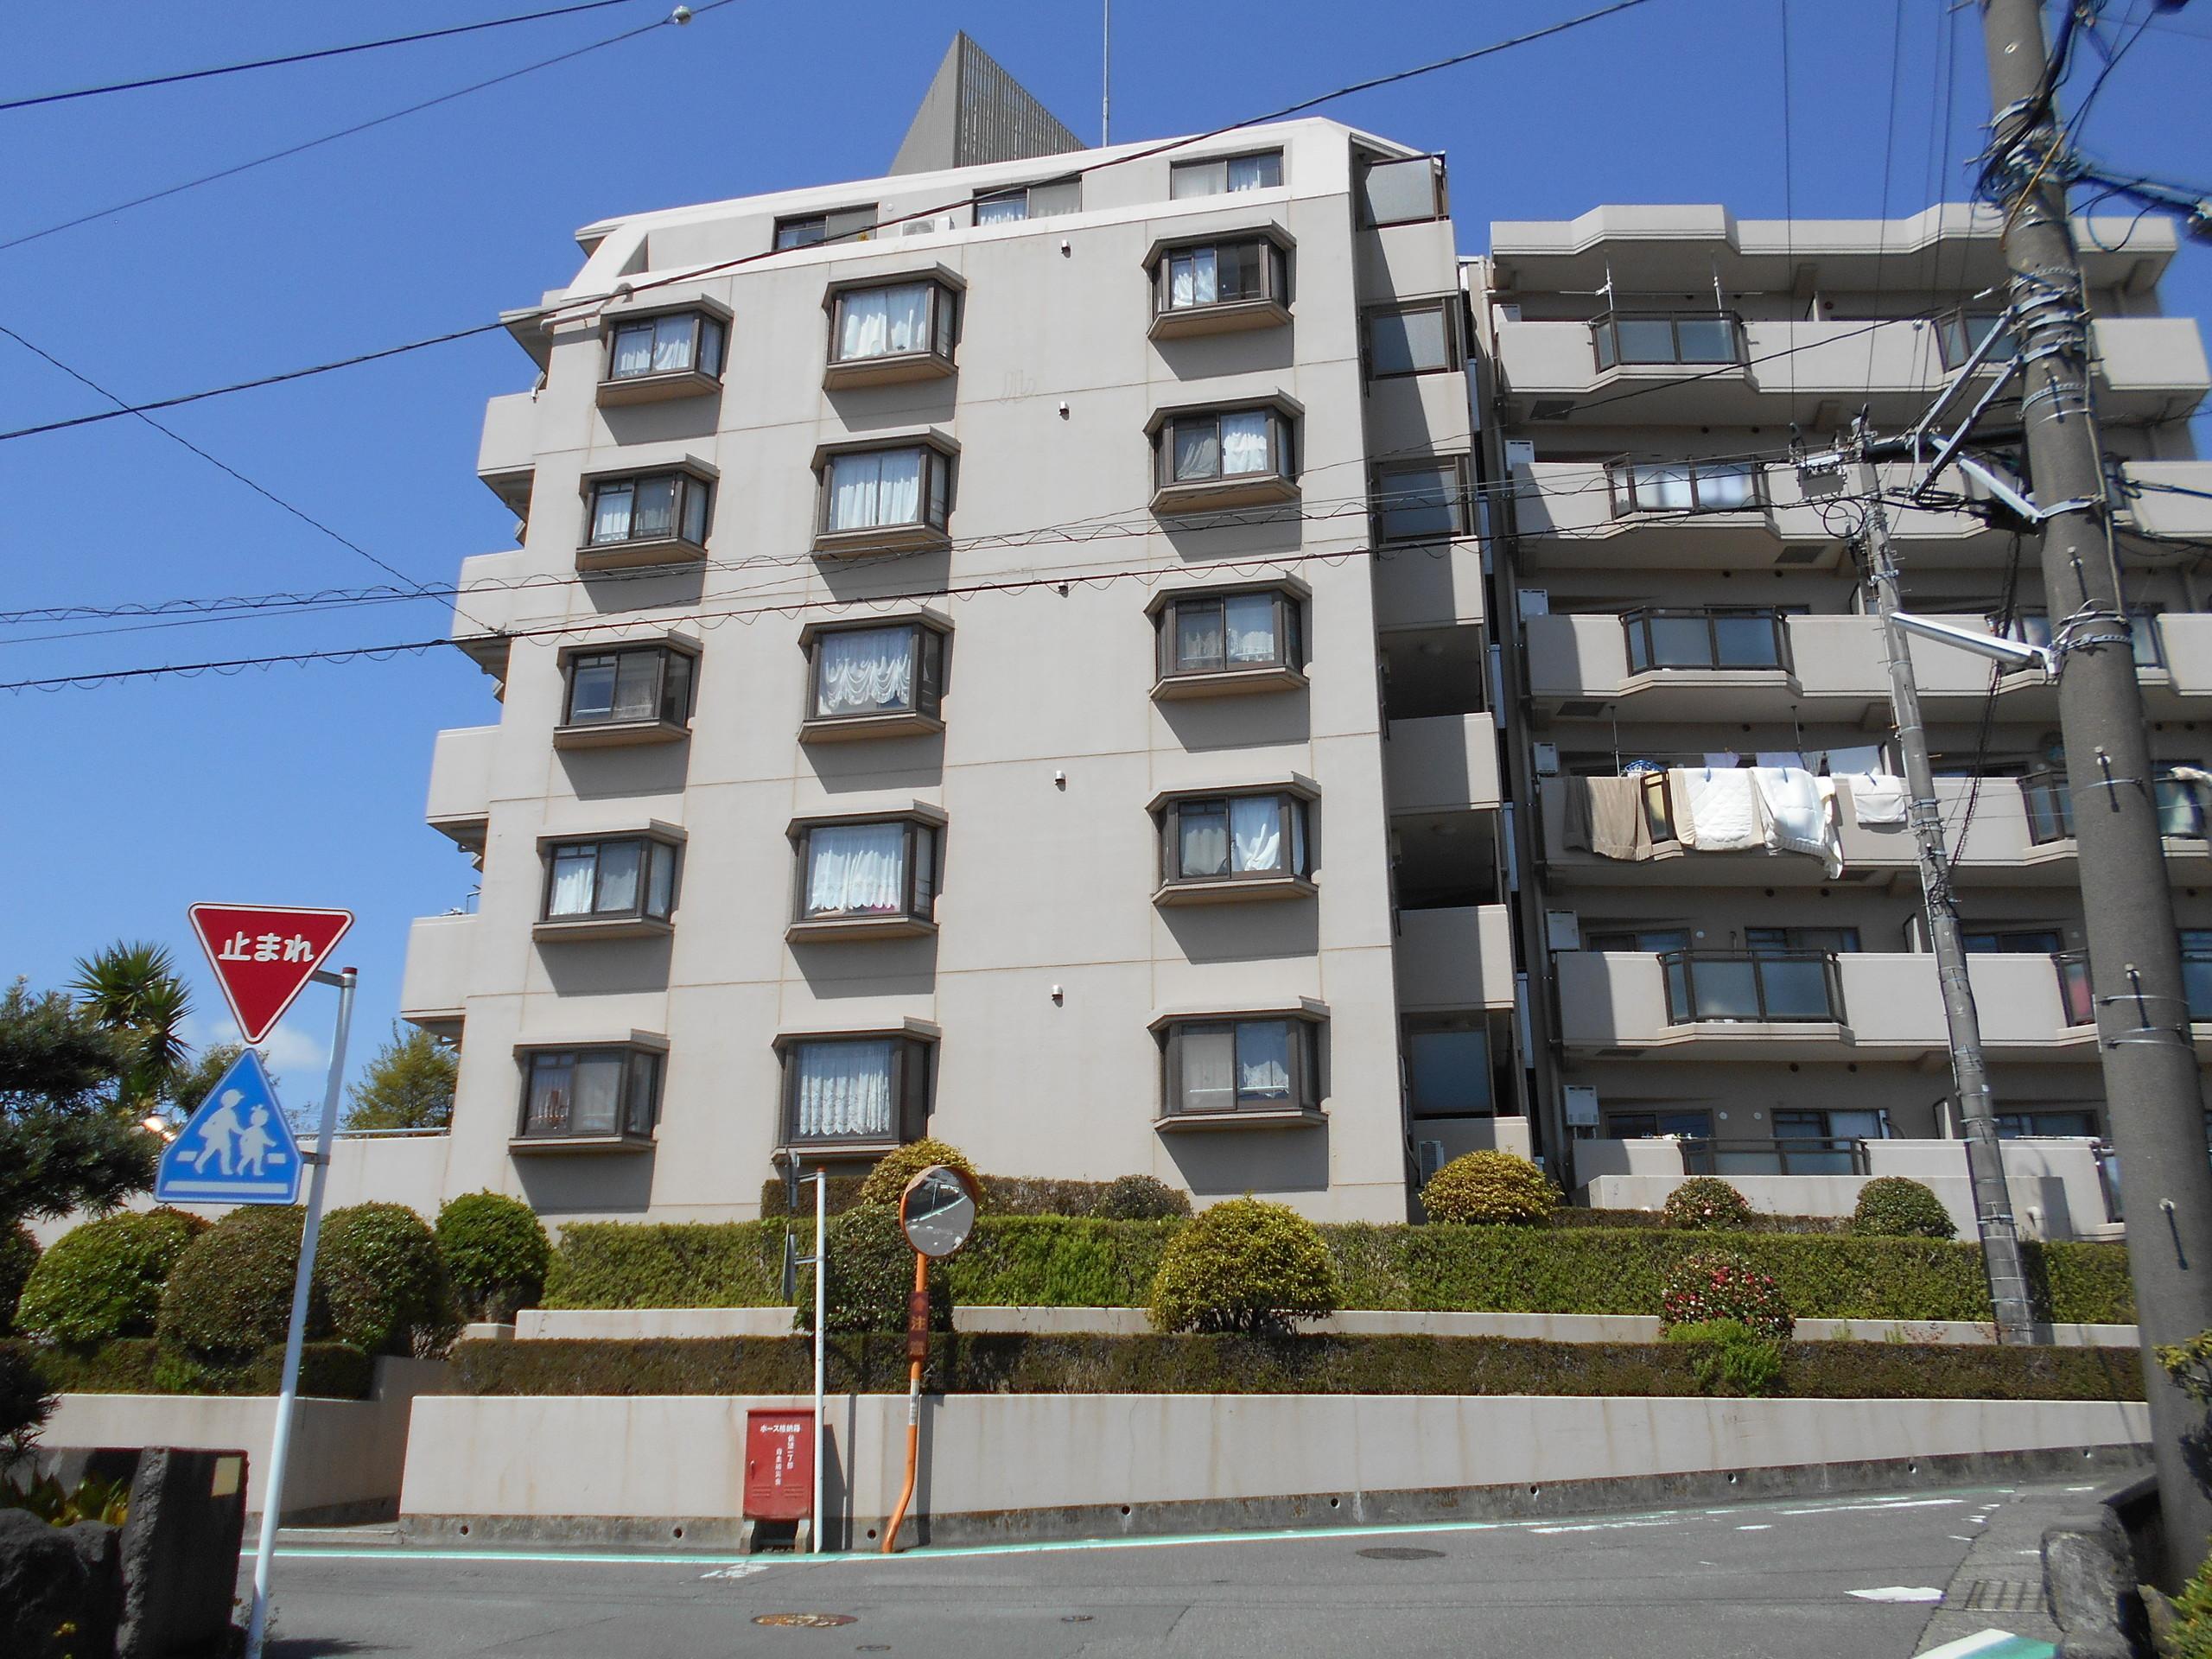 【外観写真】 富士市伝法の、 売中古マンションです。